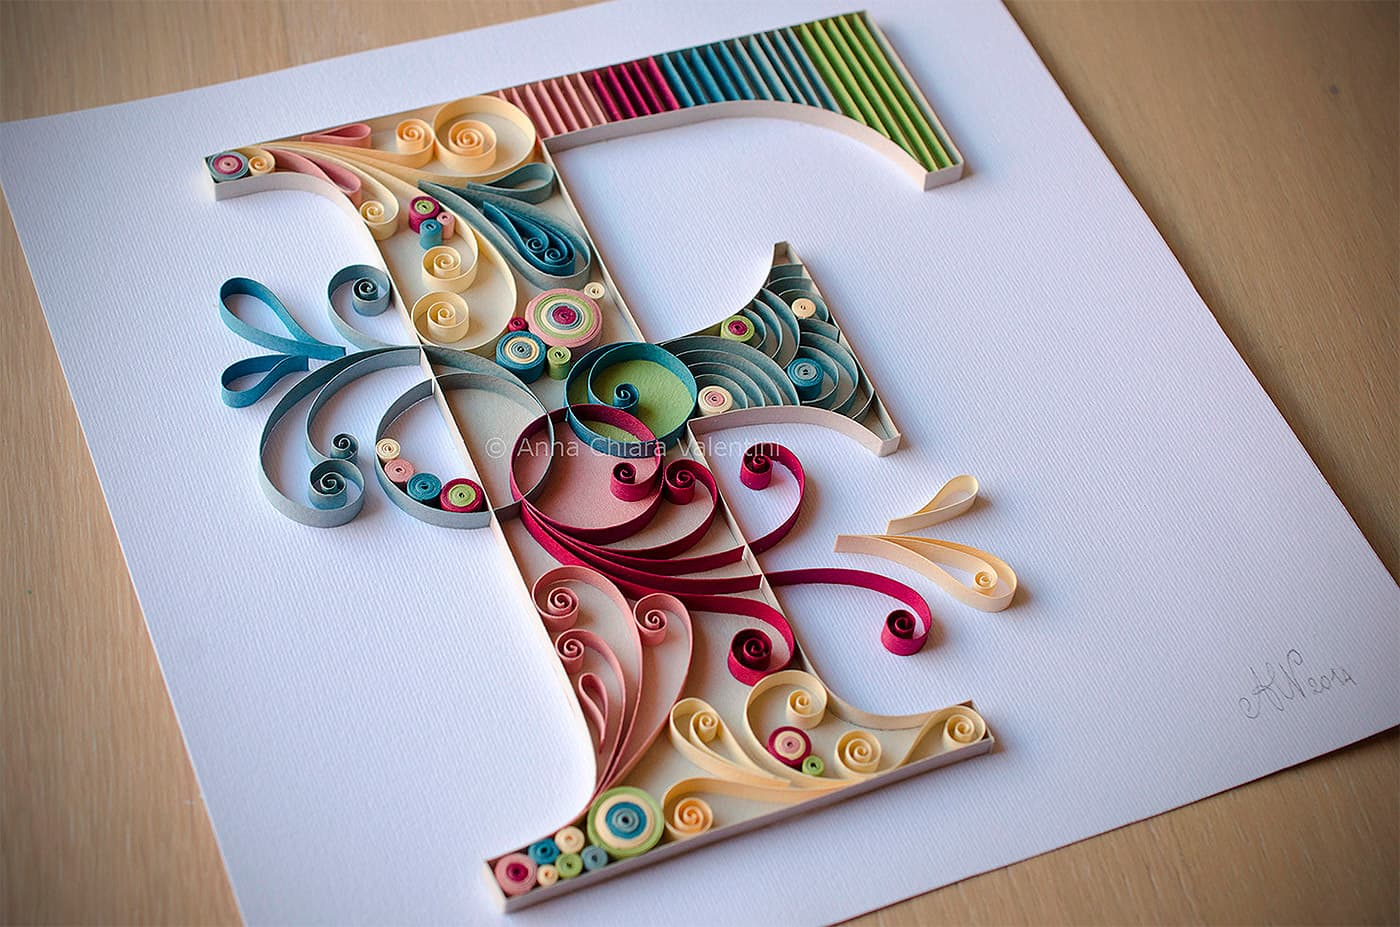 Papierkunst von Anna Chiara Valentini